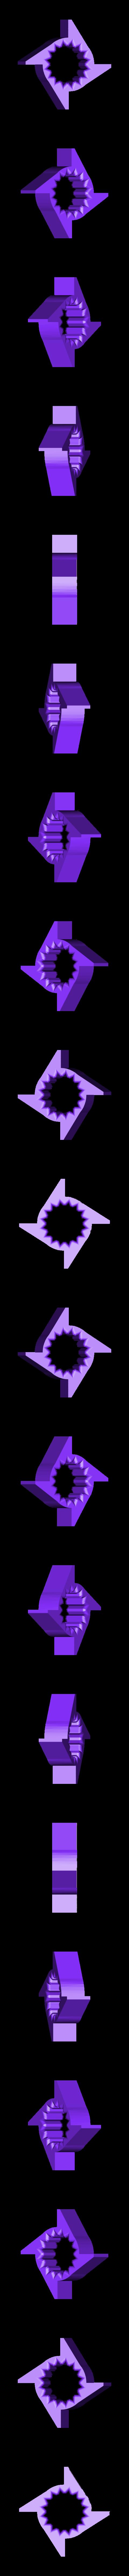 Cam_bolt_16b_4beats.STL Télécharger fichier STL gratuit Mon 3D (Dream Drum Design) • Objet pour imprimante 3D, Tanleste46